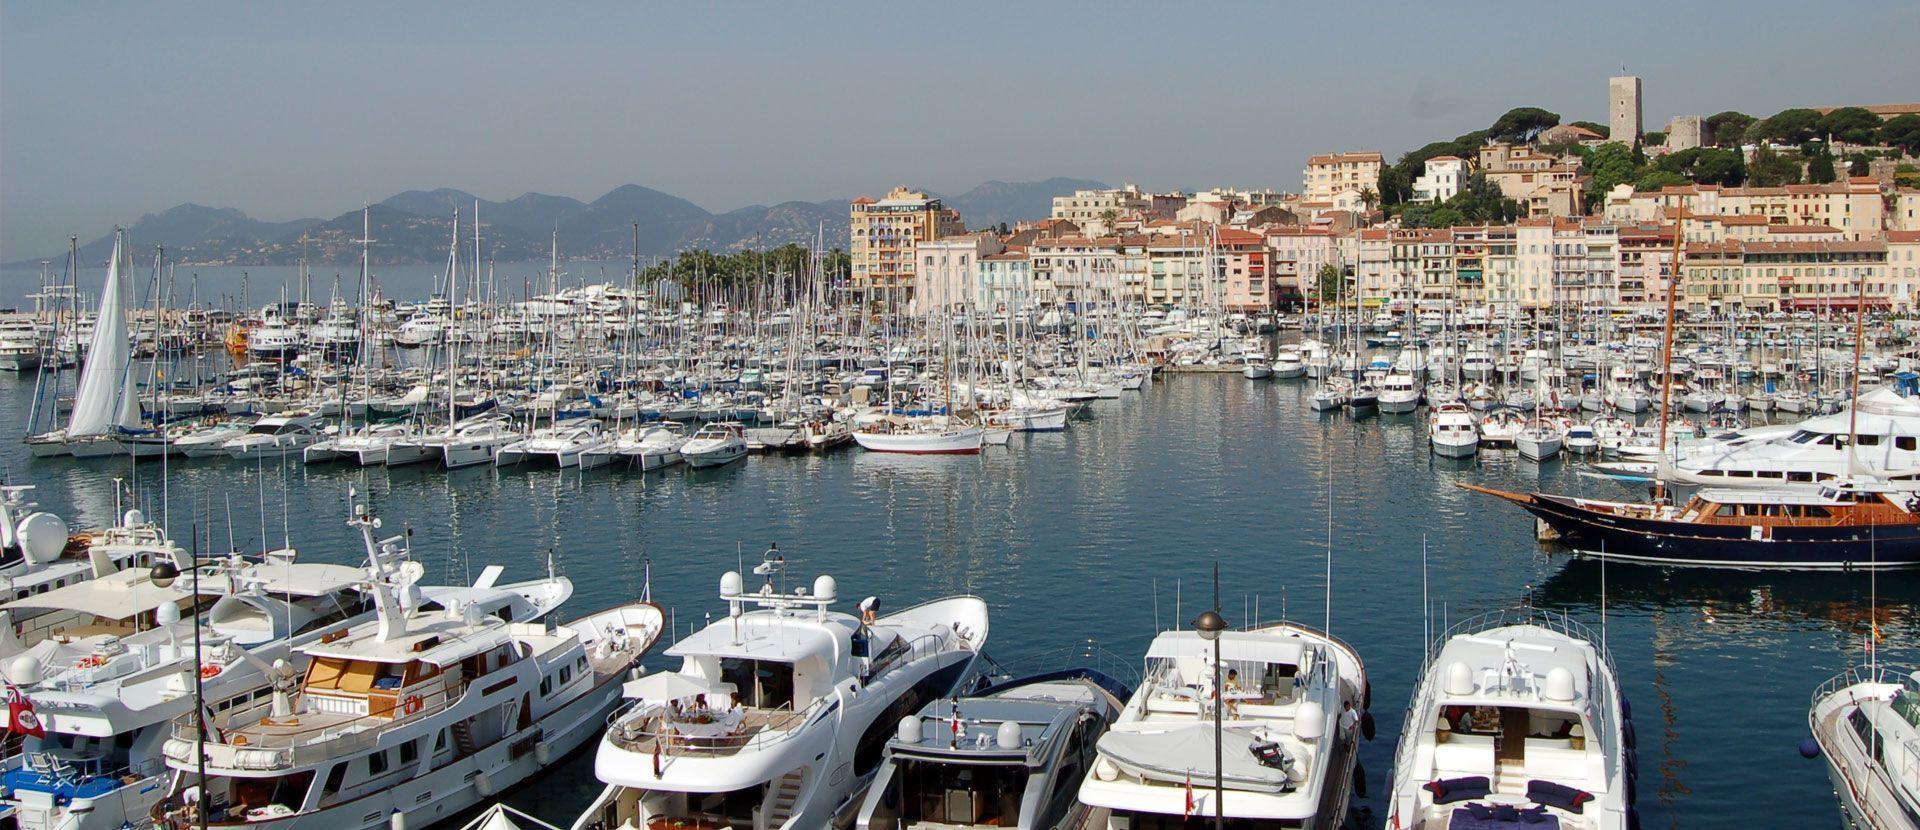 Cannes jovenes 16 a§os Francia curso de france ASTEX